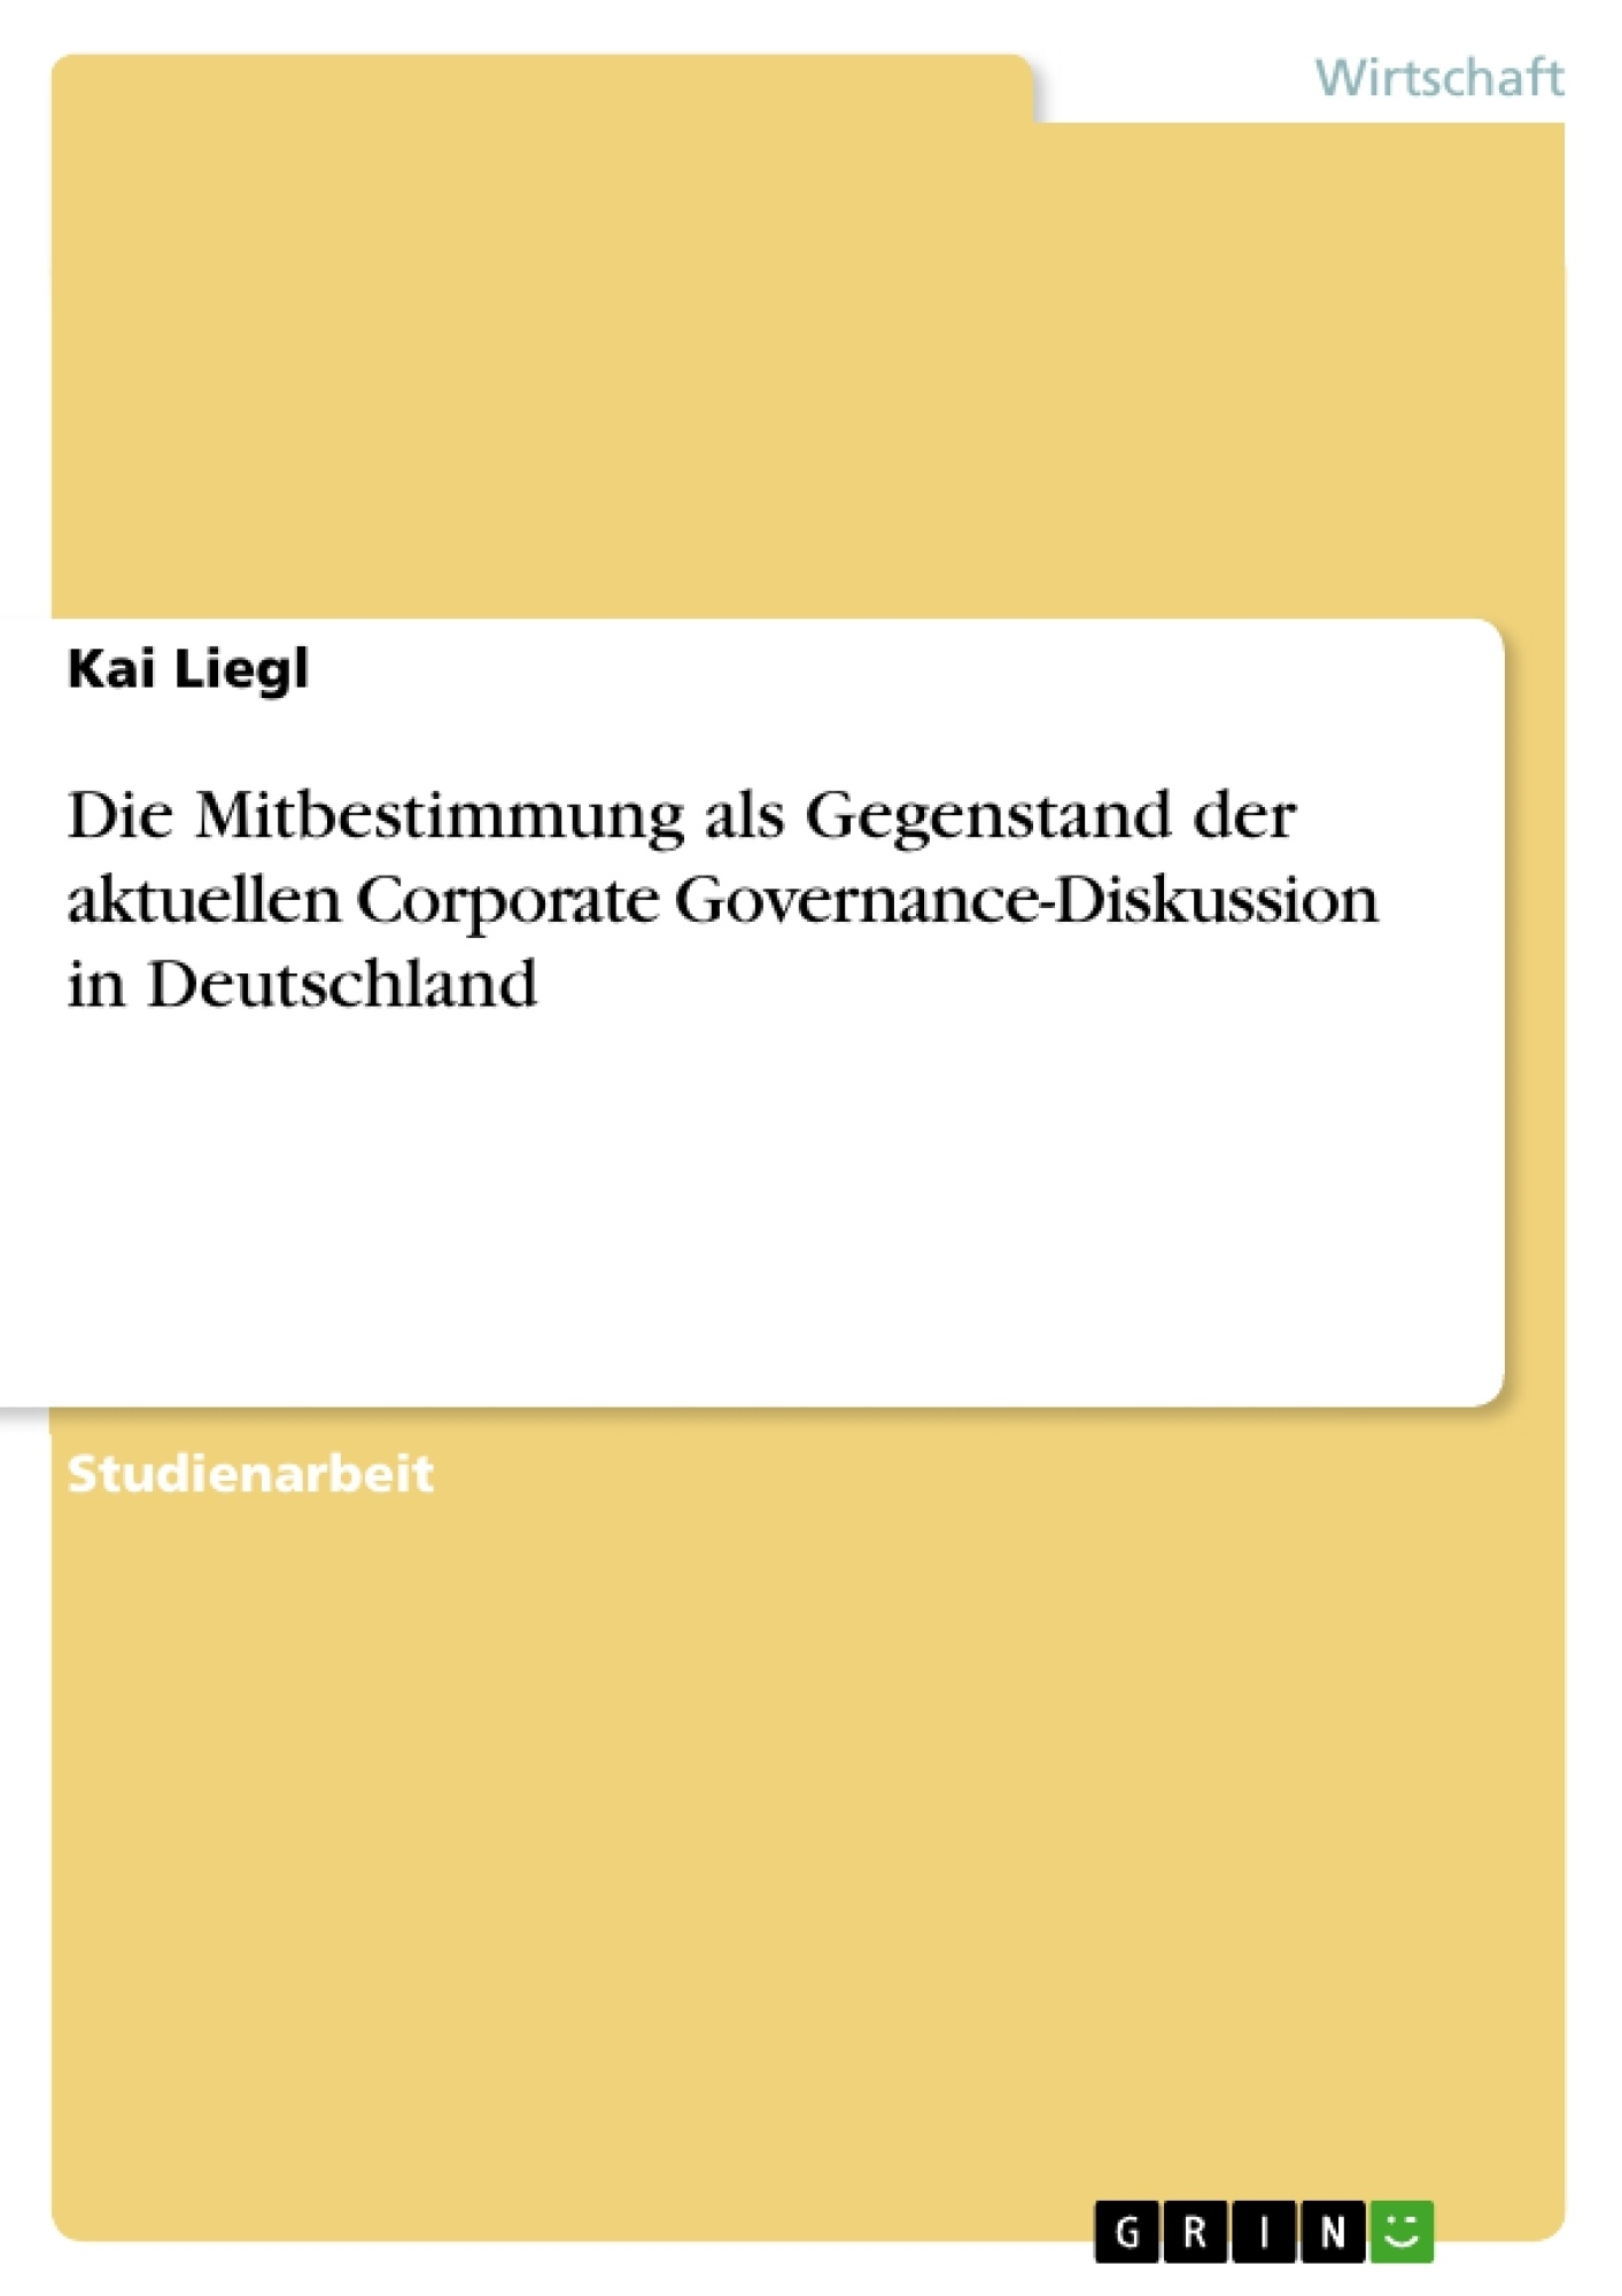 Titel: Die Mitbestimmung als Gegenstand der aktuellen Corporate Governance-Diskussion in Deutschland